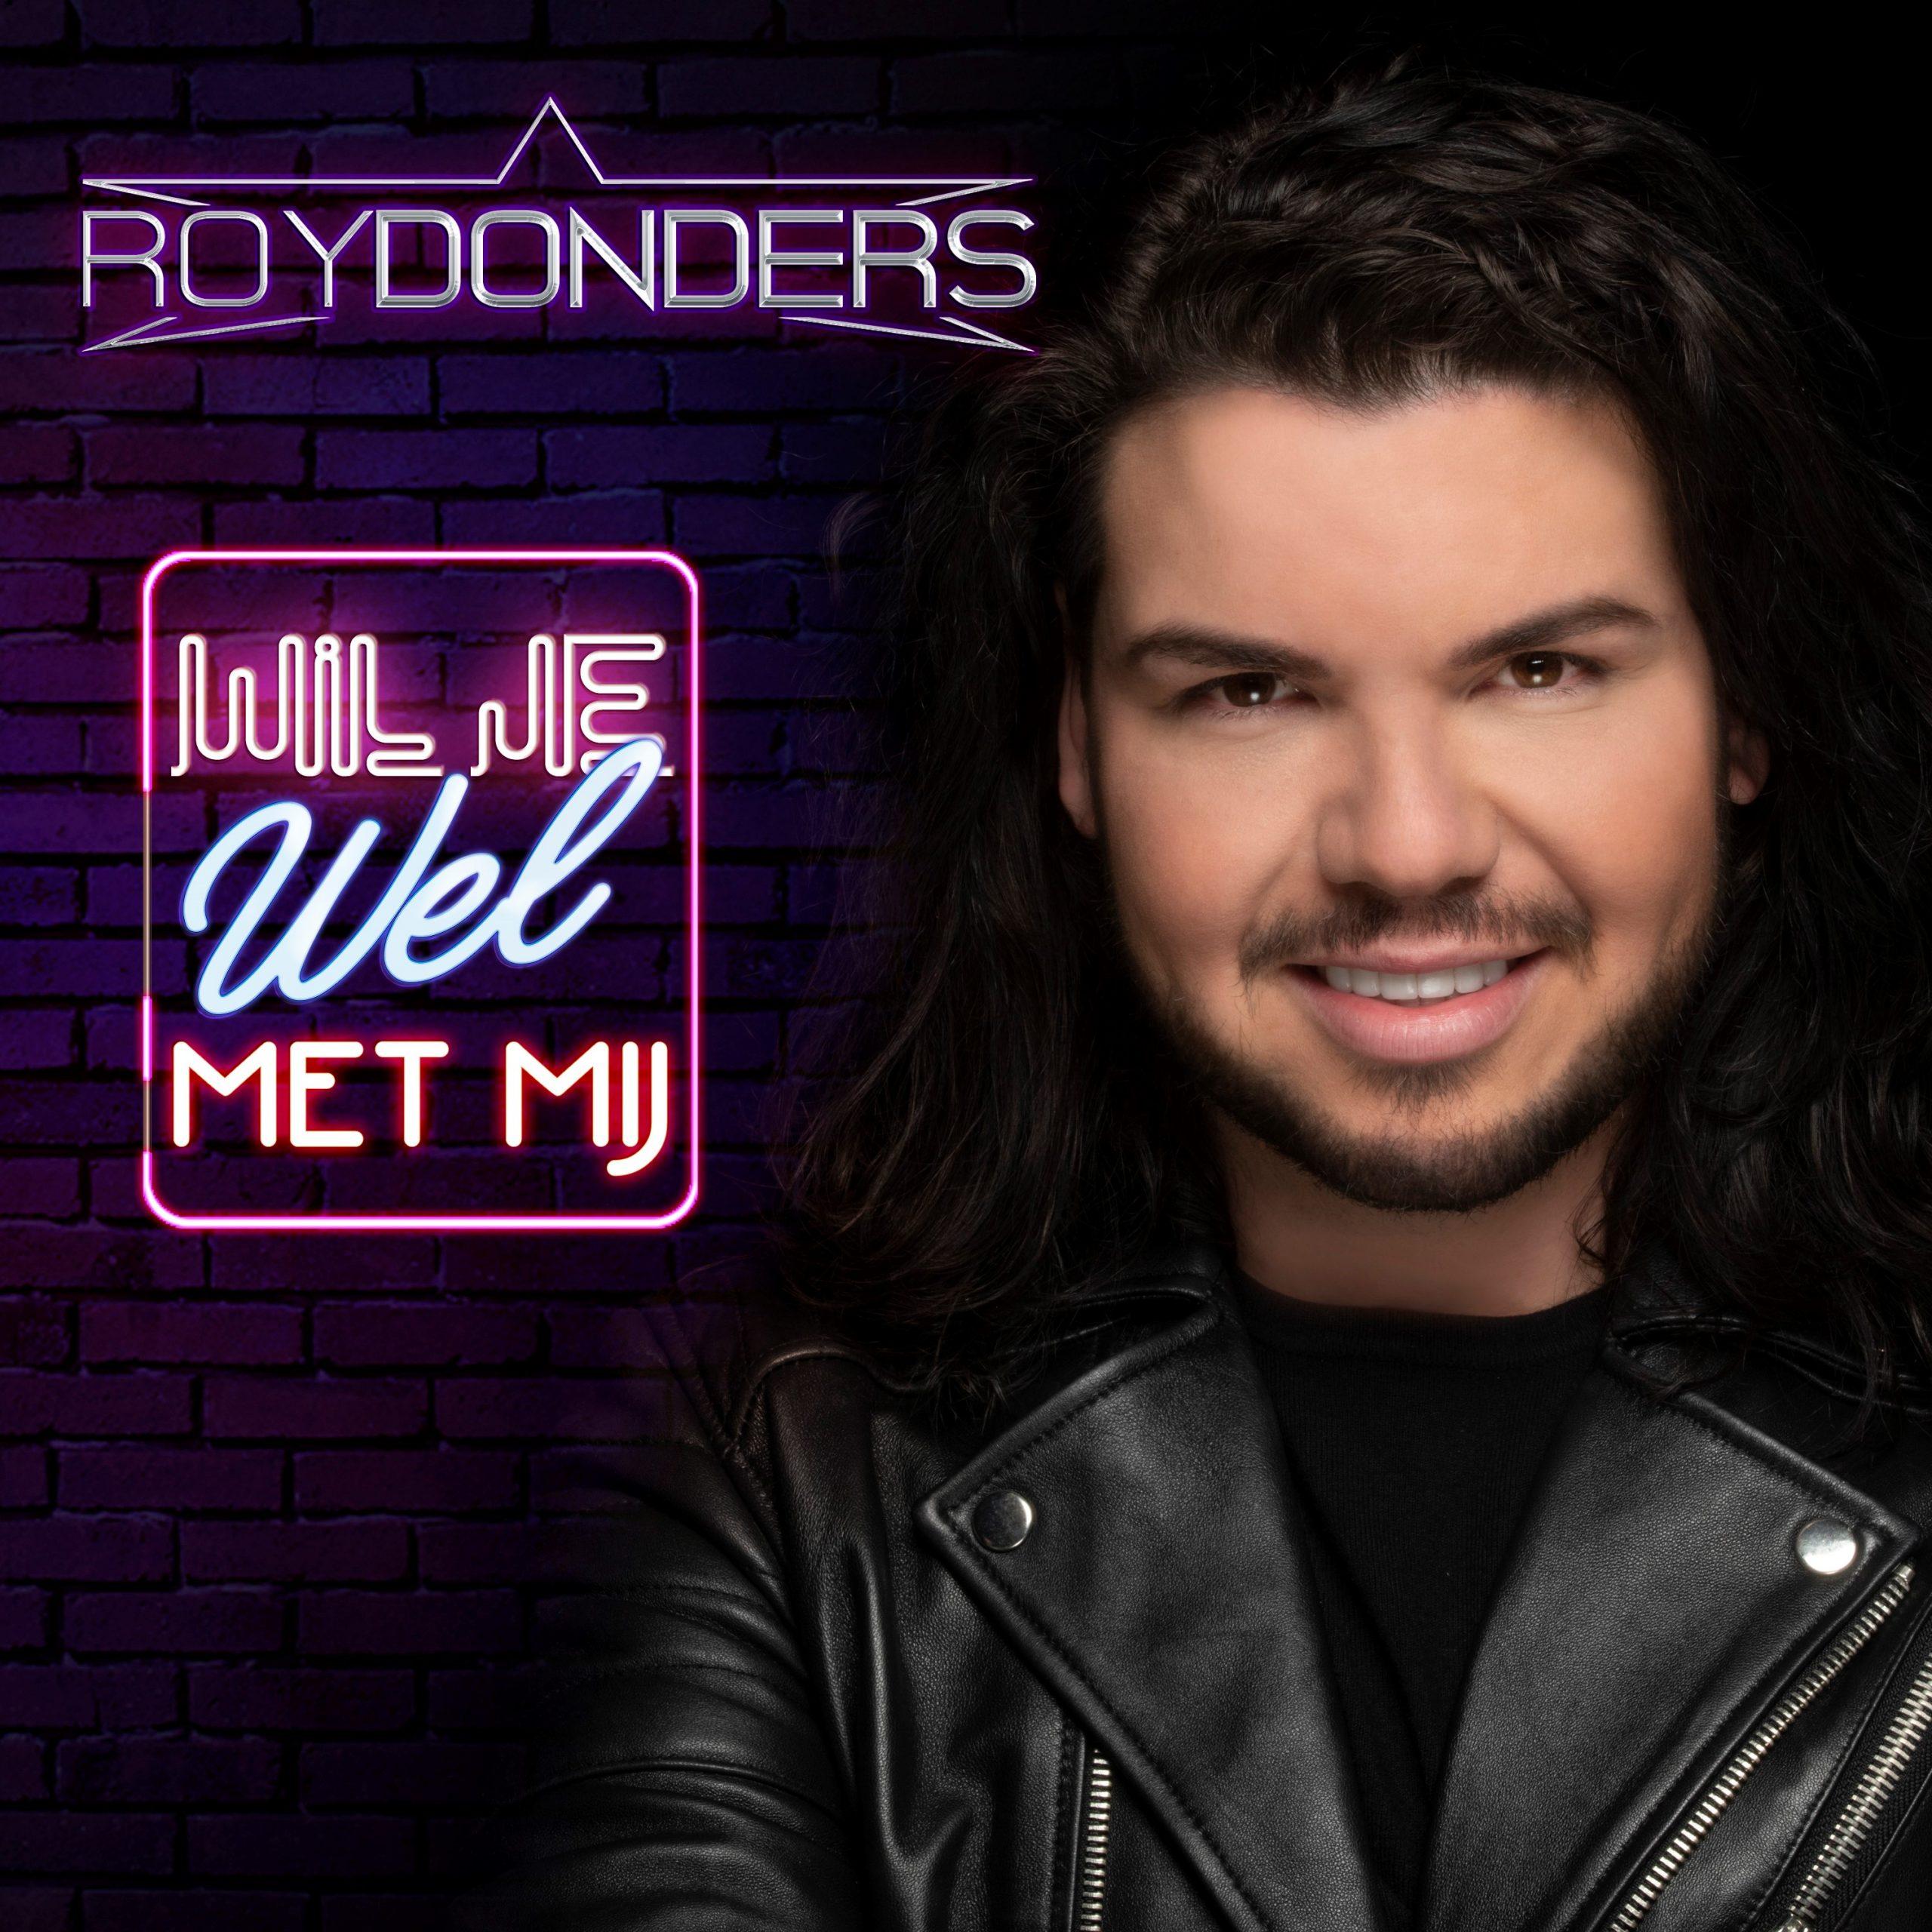 Roy Donders - Wil Je Wel Met Mij